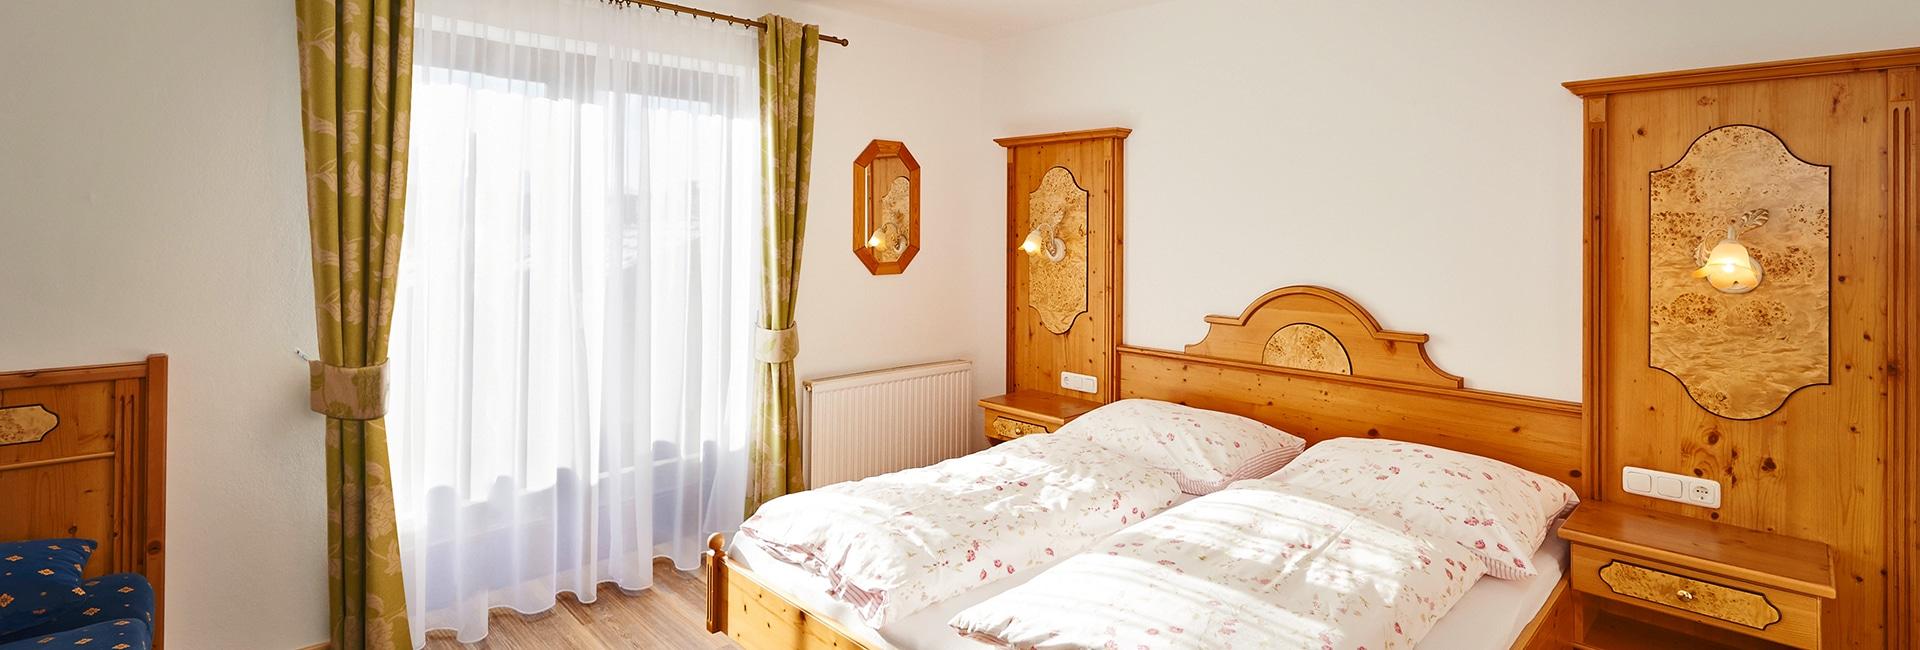 Ferienwohnungen & Zusatzzimmer am Blankgut in Wagrain – Urlaub am Bauernhof in Salzburg